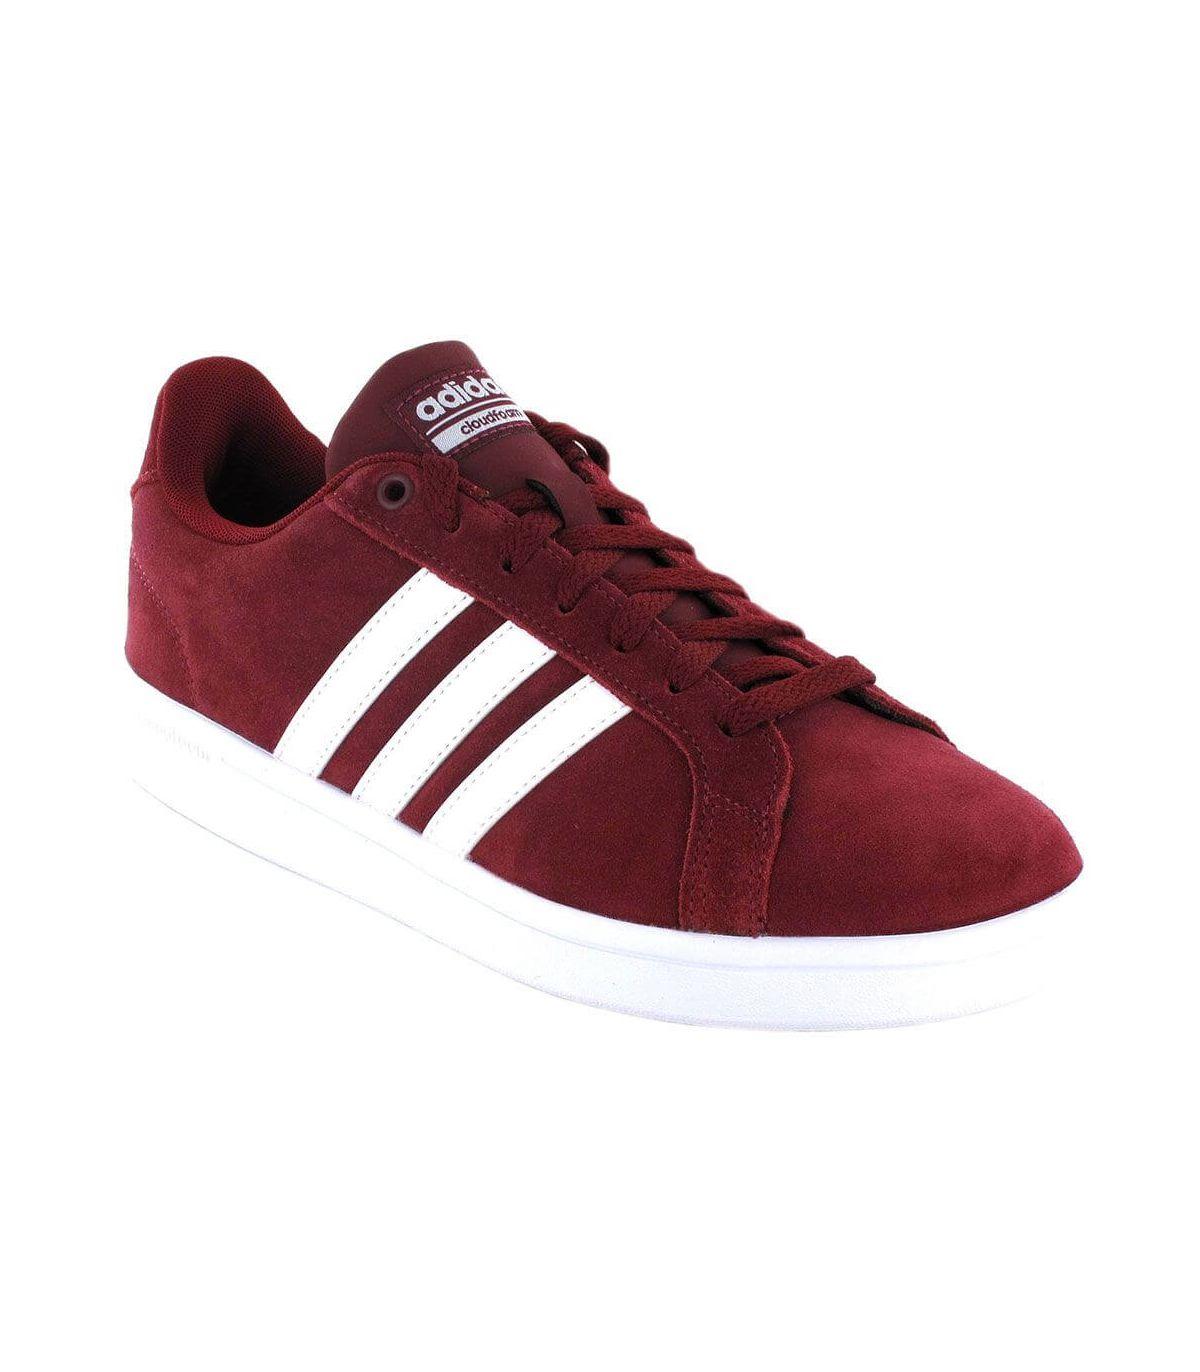 Adidas VS Advantage Granate Adidas Calzado Casual Hombre Lifestyle Tallas: 40, 42, 44; Color: granate